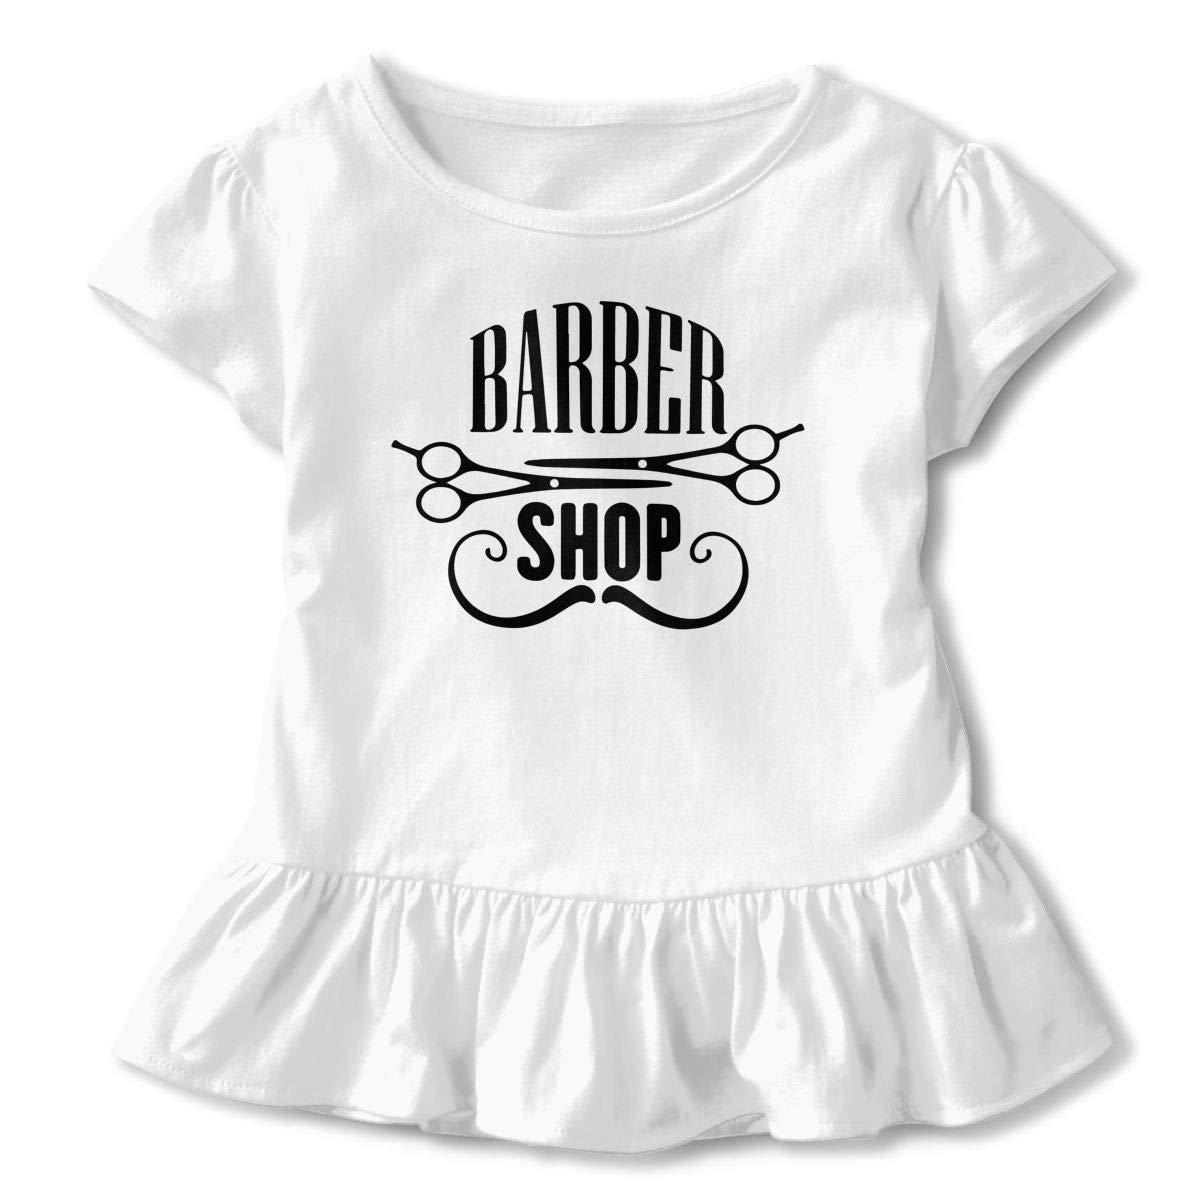 SHIRT1-KIDS Barber Shop T-Shirts Toddler//Infant Girls Short Sleeve Ruffles Shirt T-Shirt for 2-6T